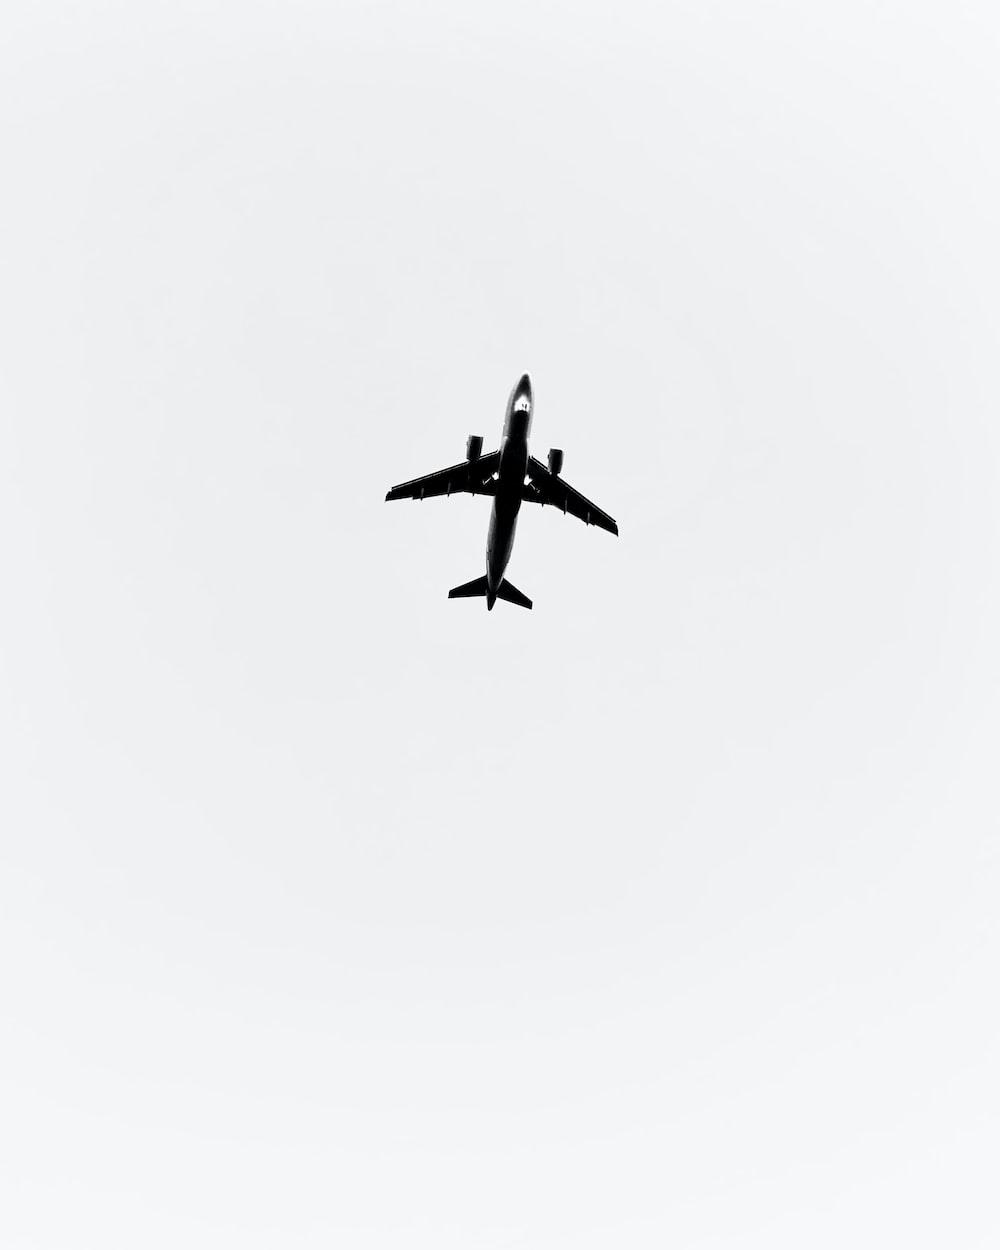 black airplane in mid air